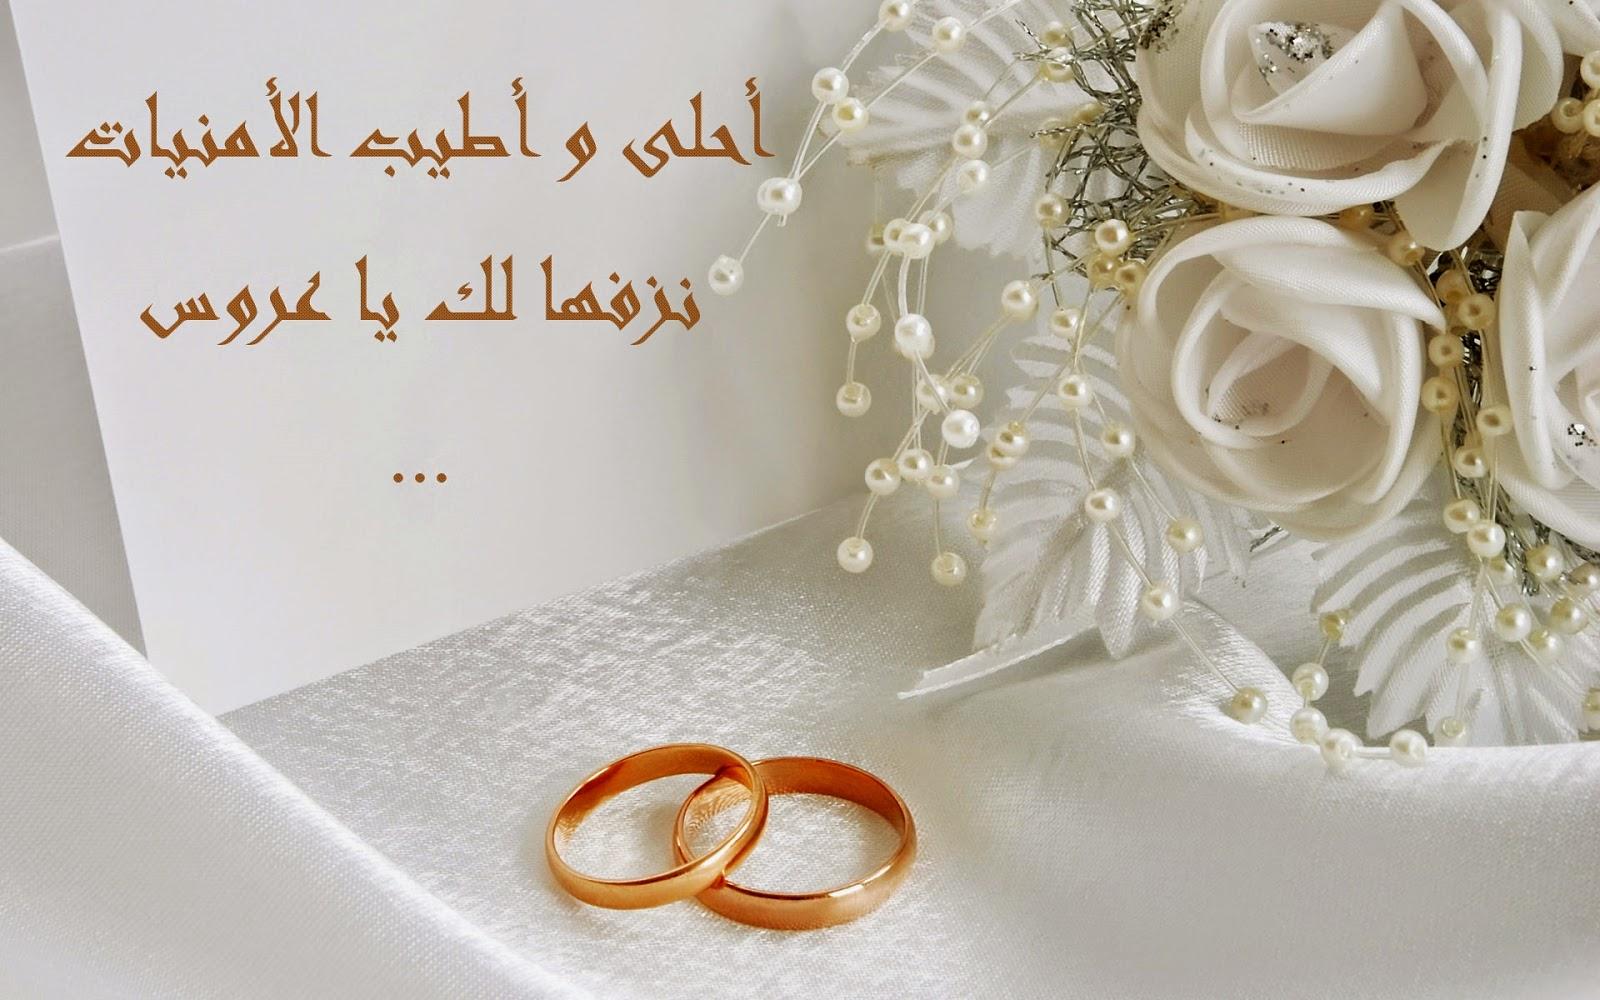 بالصور كلمات تهنئة بالزواج , عبارات وصور اجمل التهانى بالزواج 5766 3